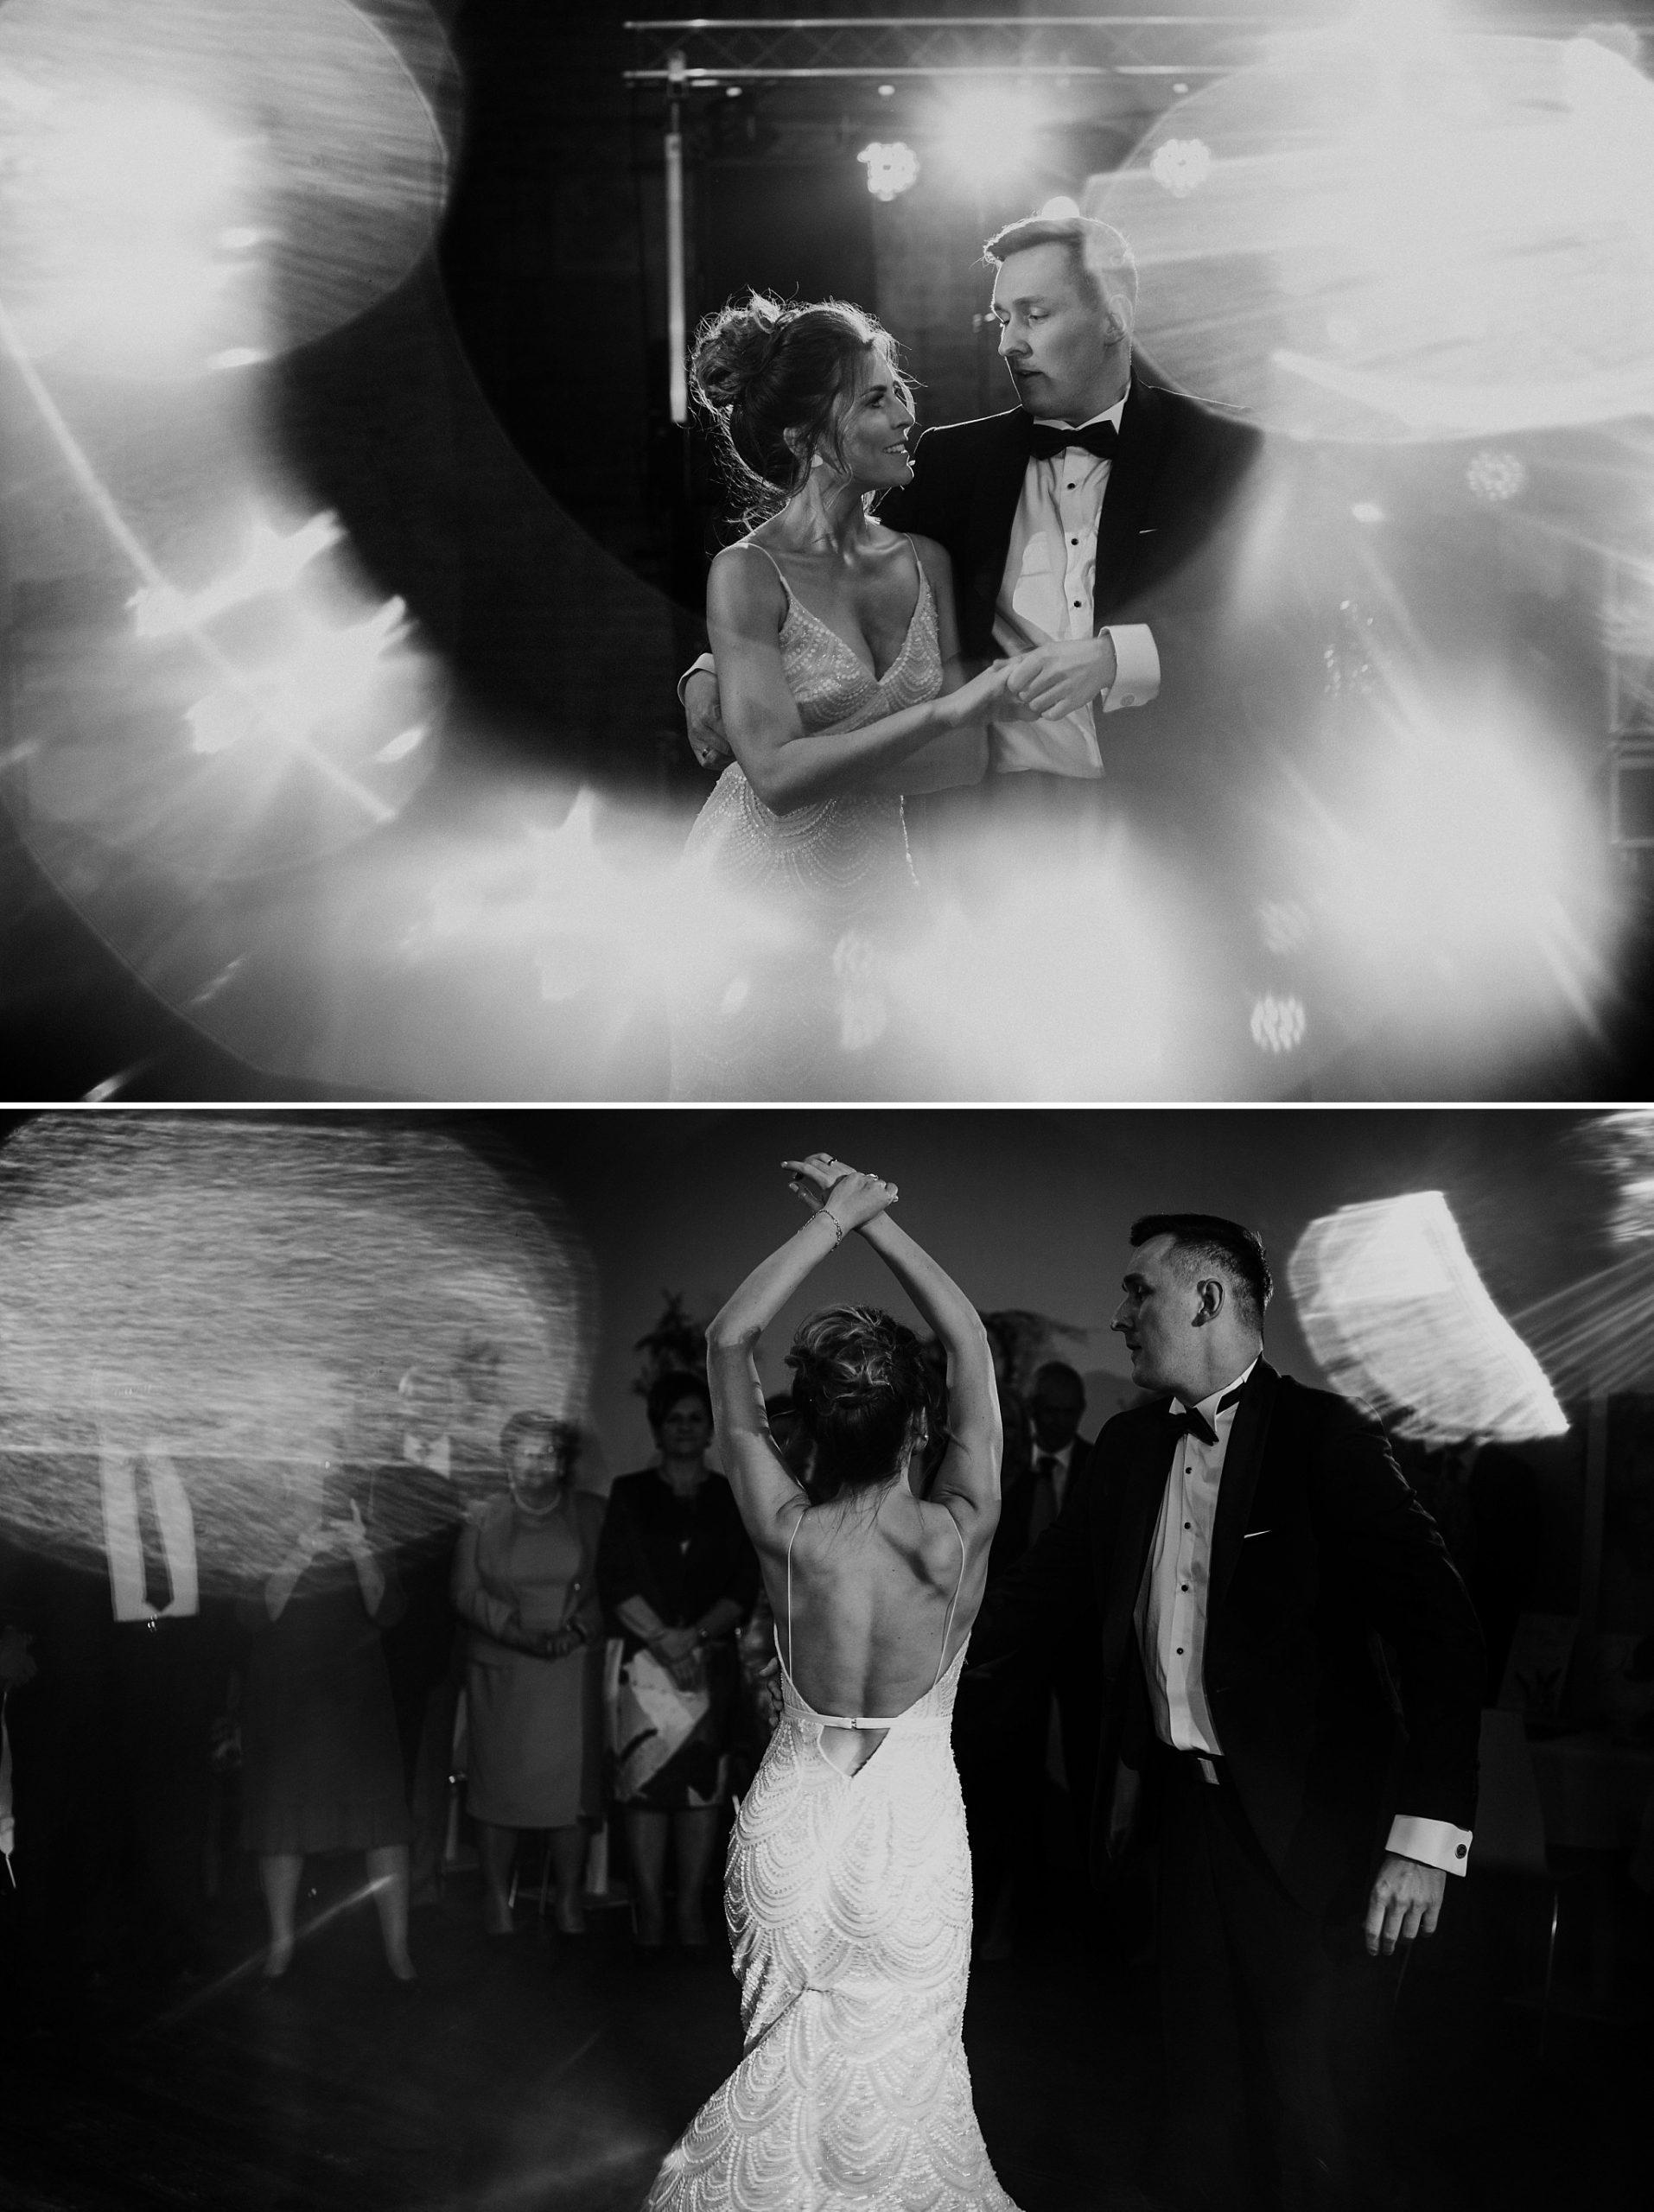 fotograf poznan wesele dobra truskawka piekne wesele pod poznaniem wesele w dobrej truskawce piekna para mloda slub marzen slub koronawirus slub listopad wesele koronawirus 325 scaled